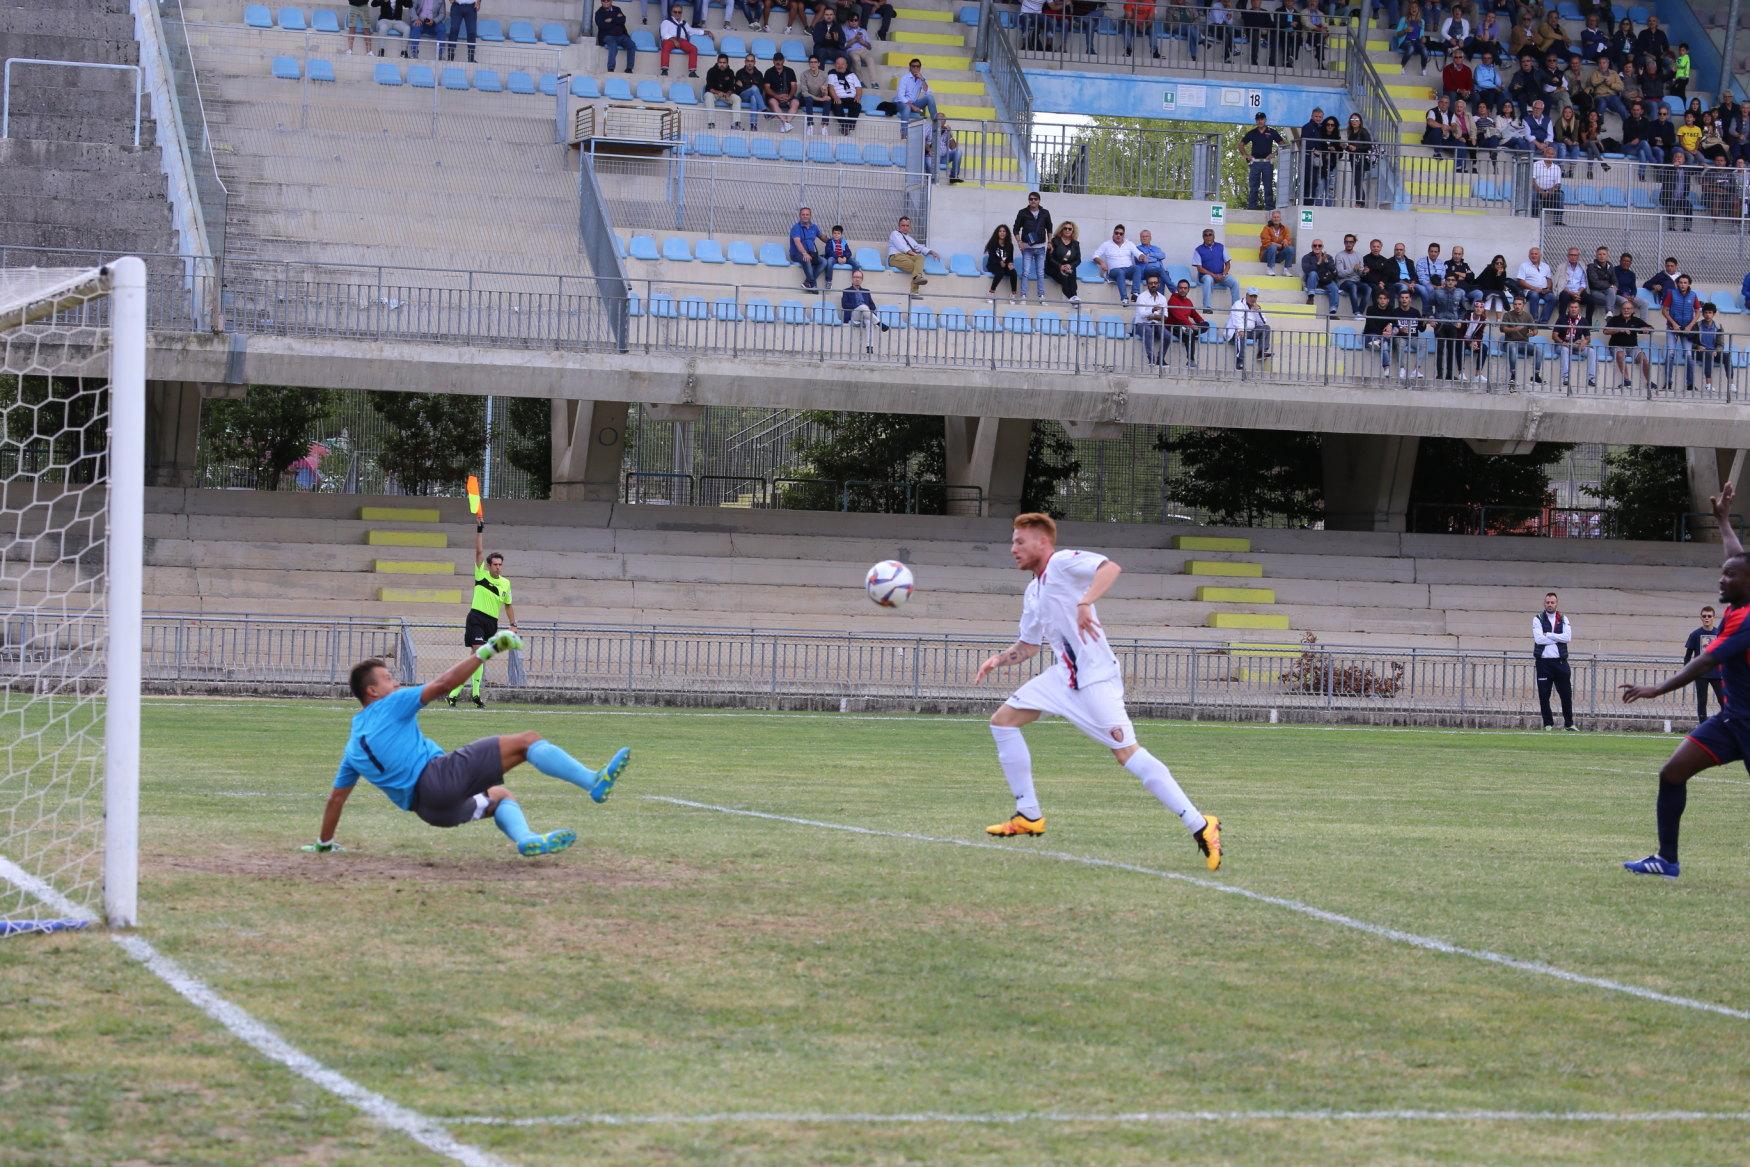 Serie D, girone F – Esordio agrodolce per le molisane: Lupi raggiunti nel recupero, O.Agnonese ok